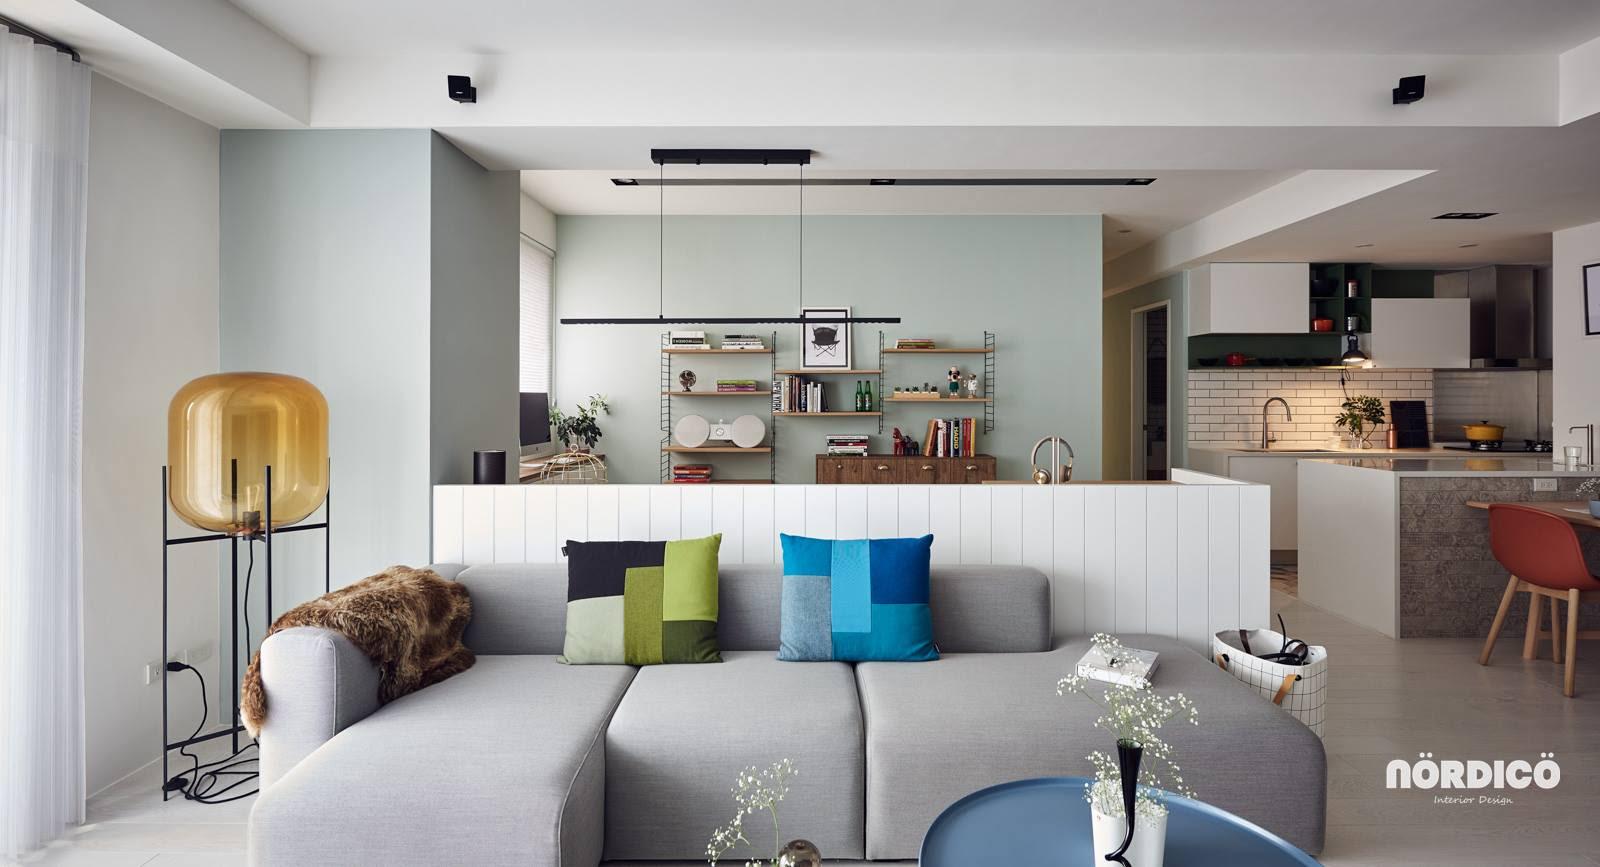 Eclectic Interior Design Styles - Albedo Design | Interior ...